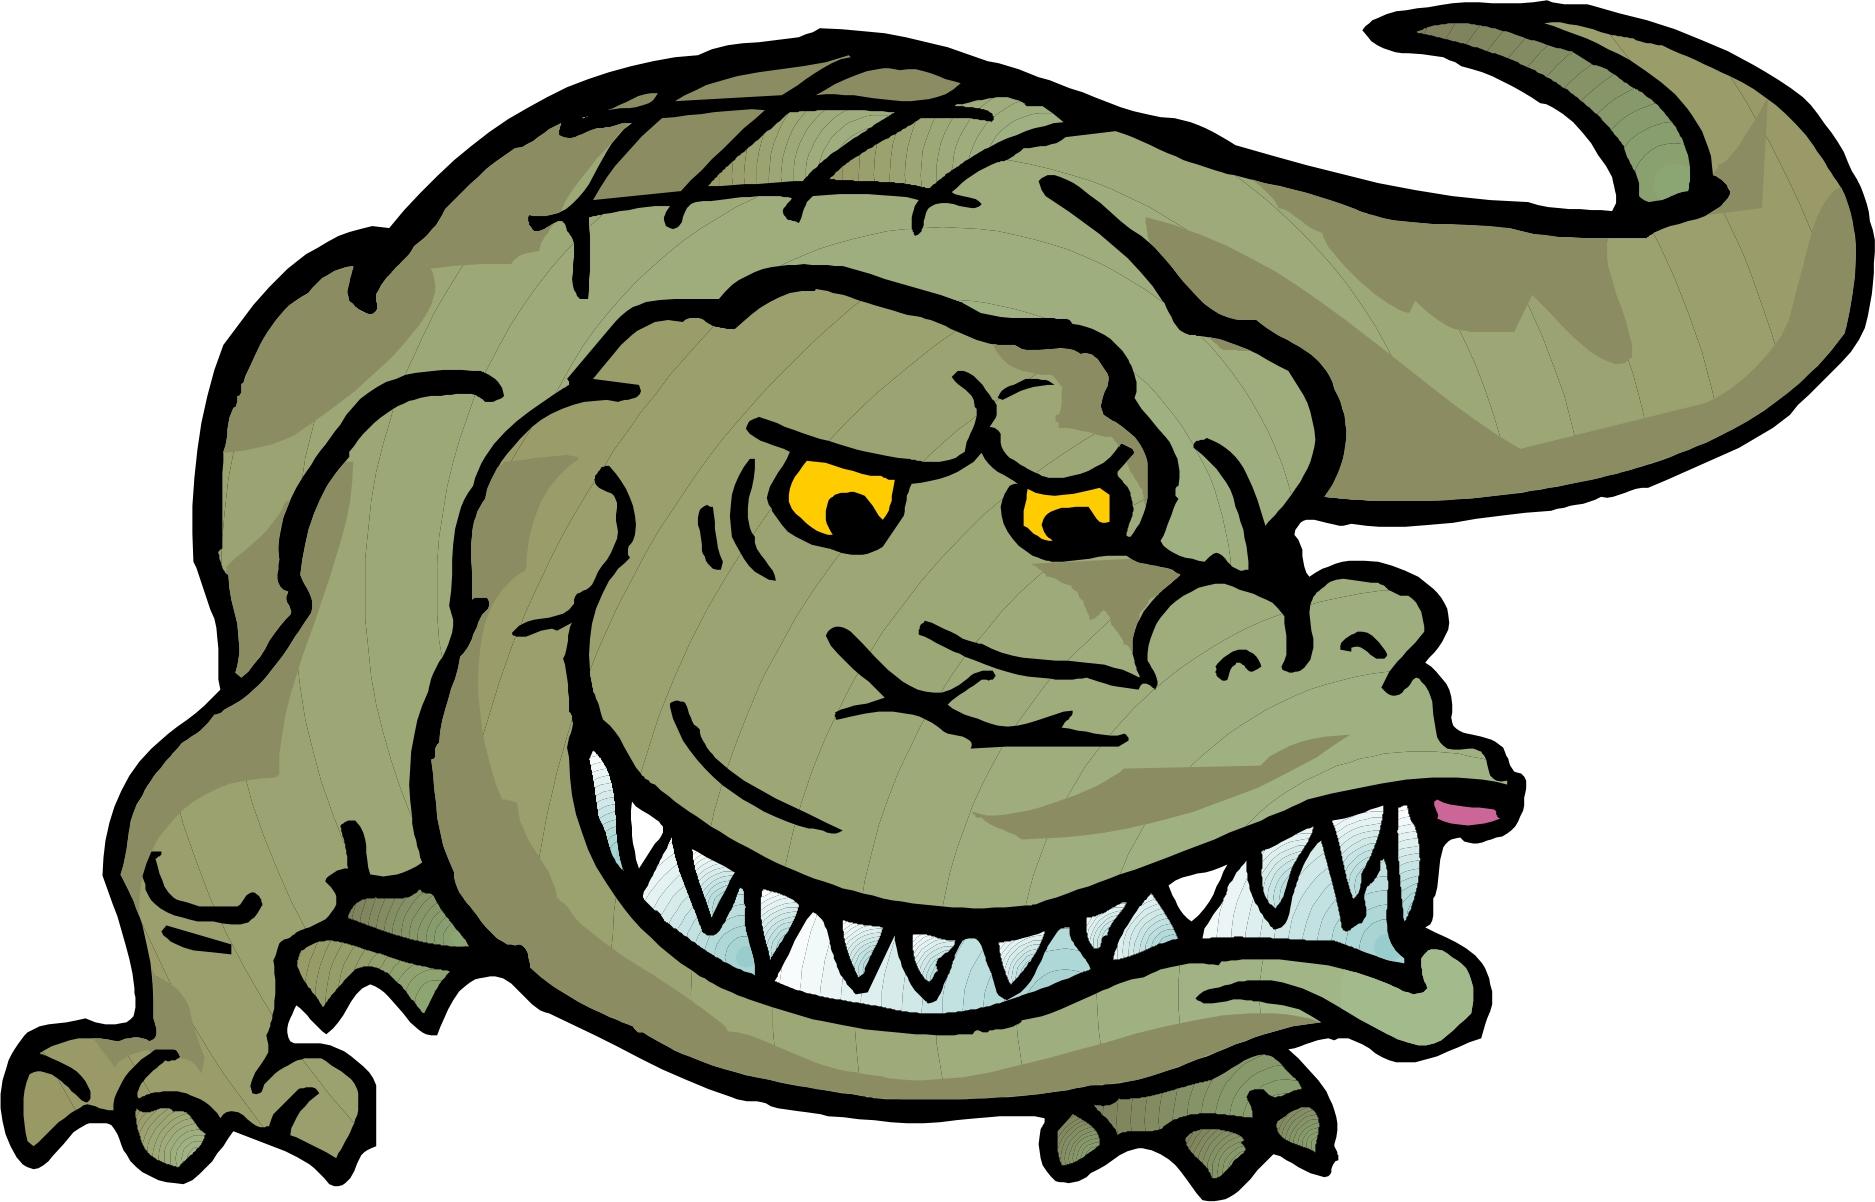 Cartoon Alligator - ClipArt Best - ClipArt Best